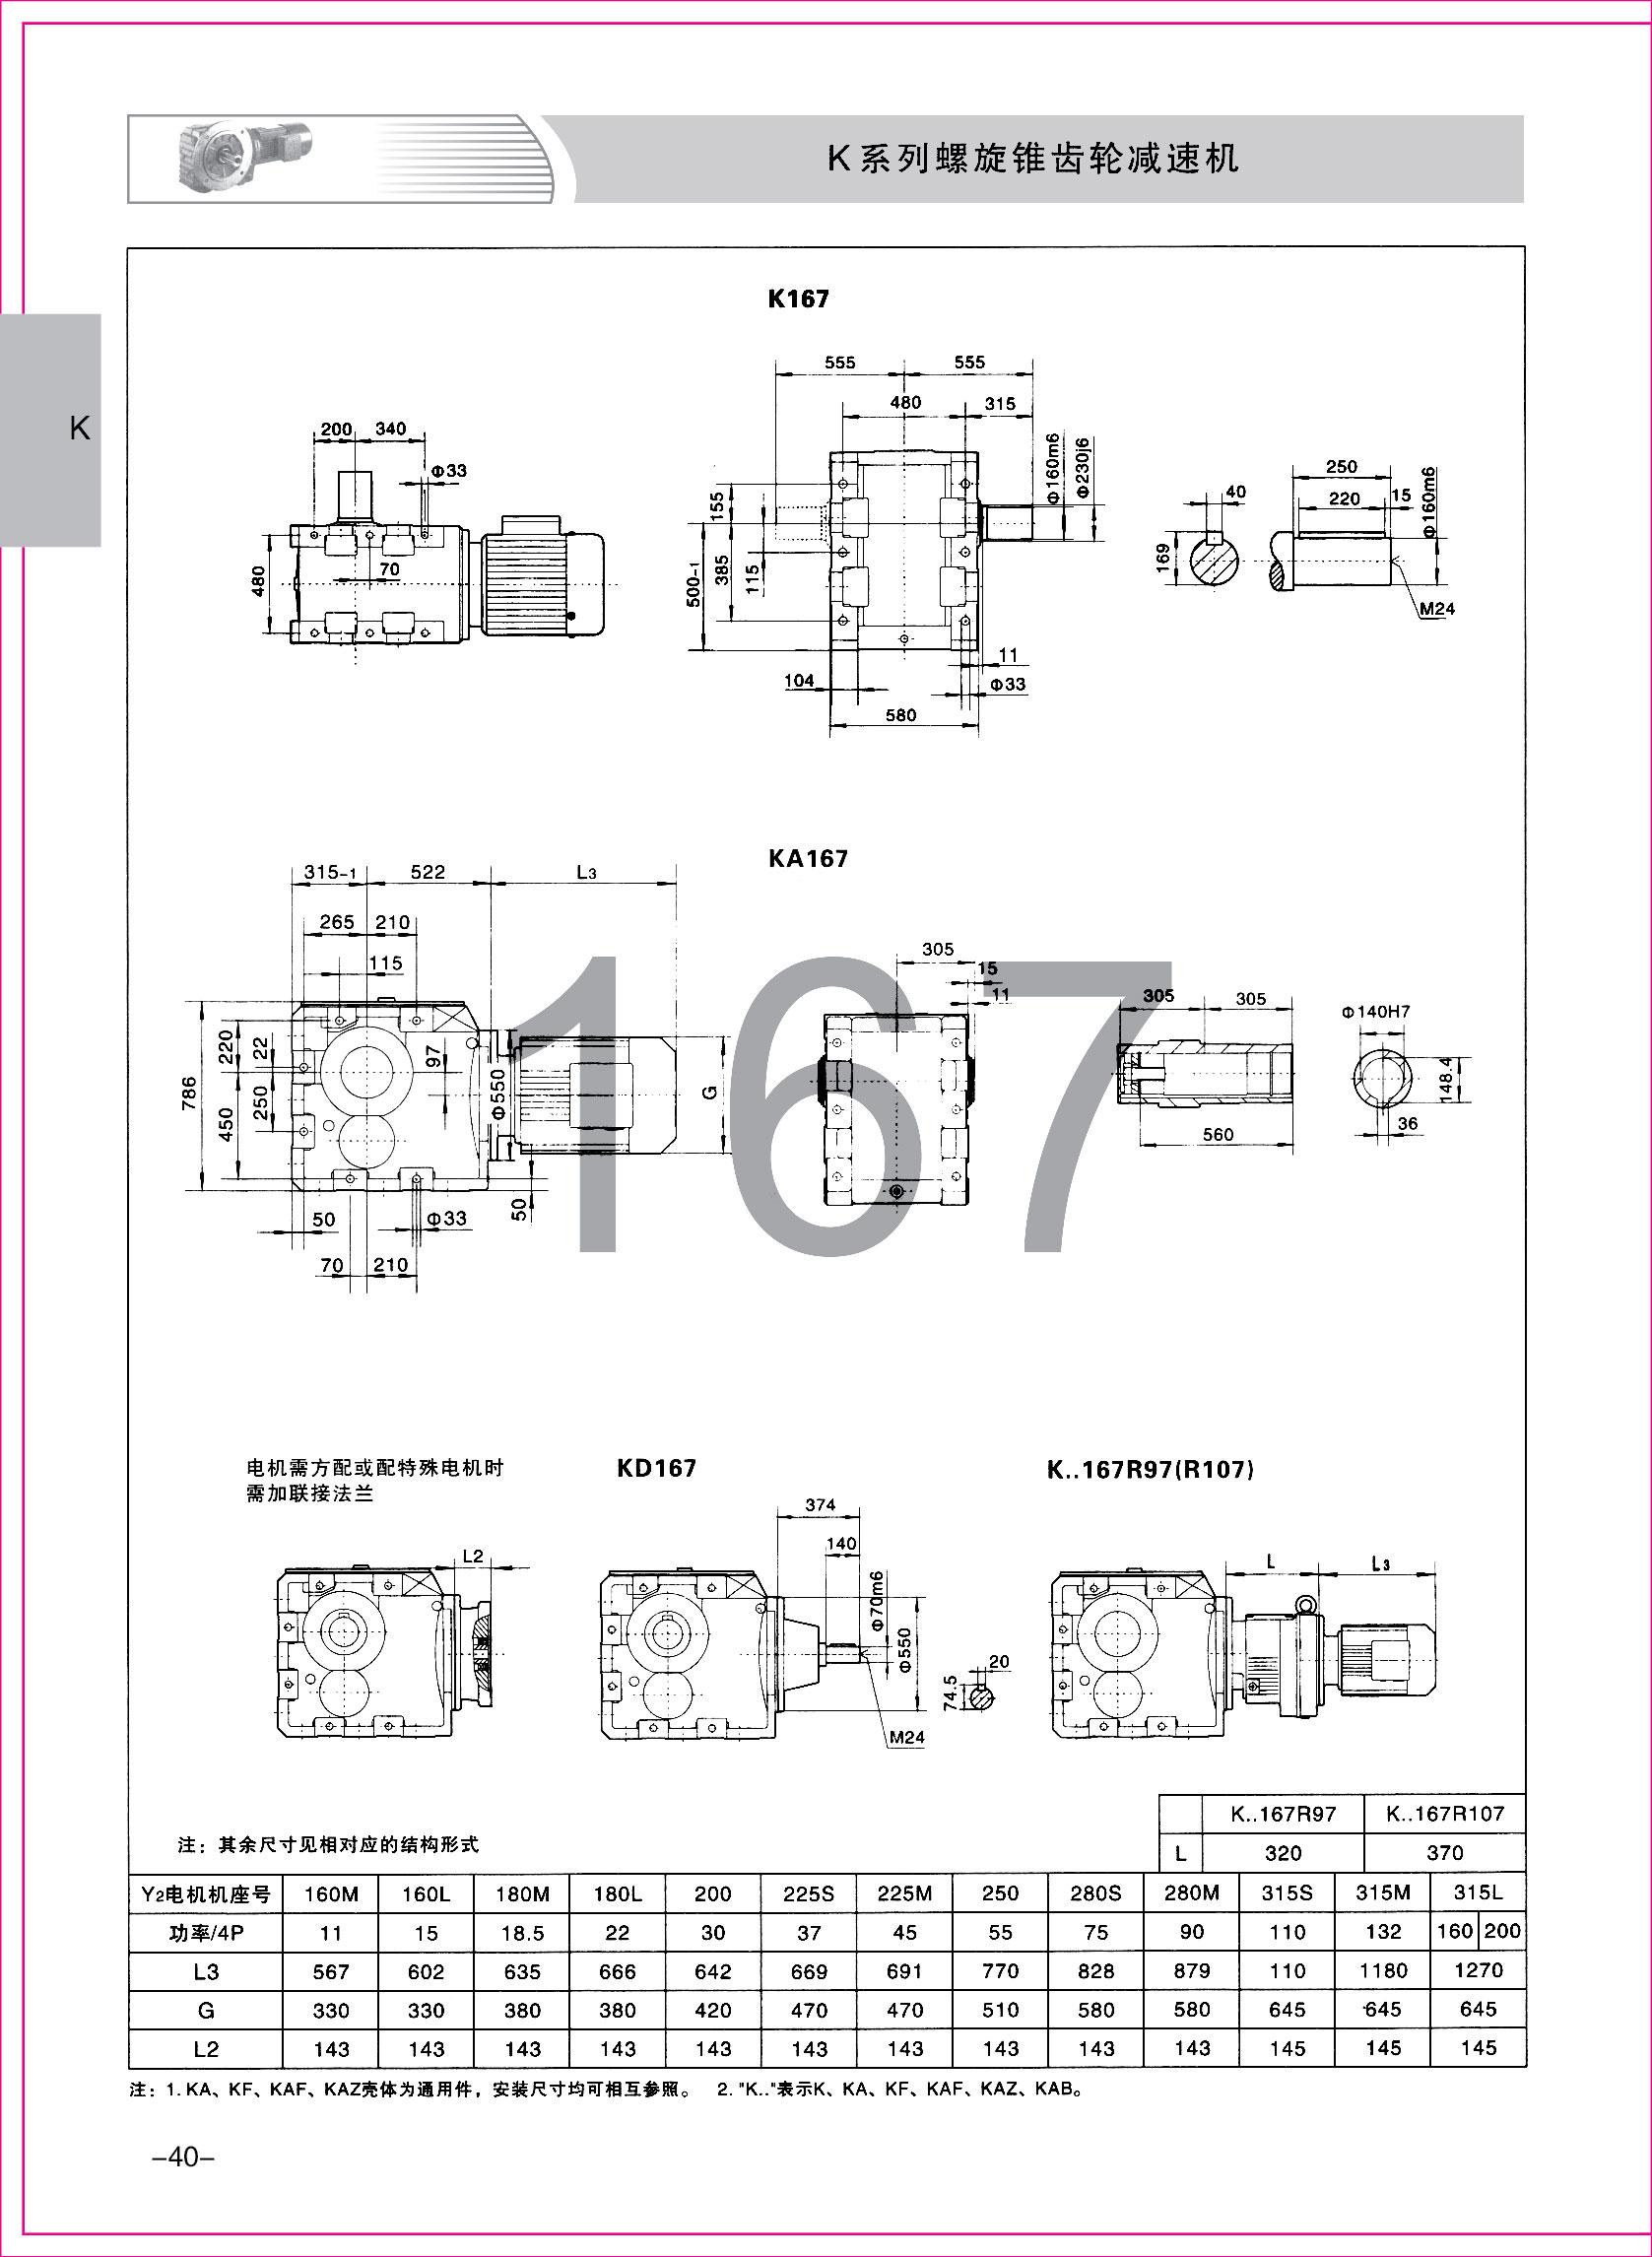 齿轮减速机样本1-1-40.jpg